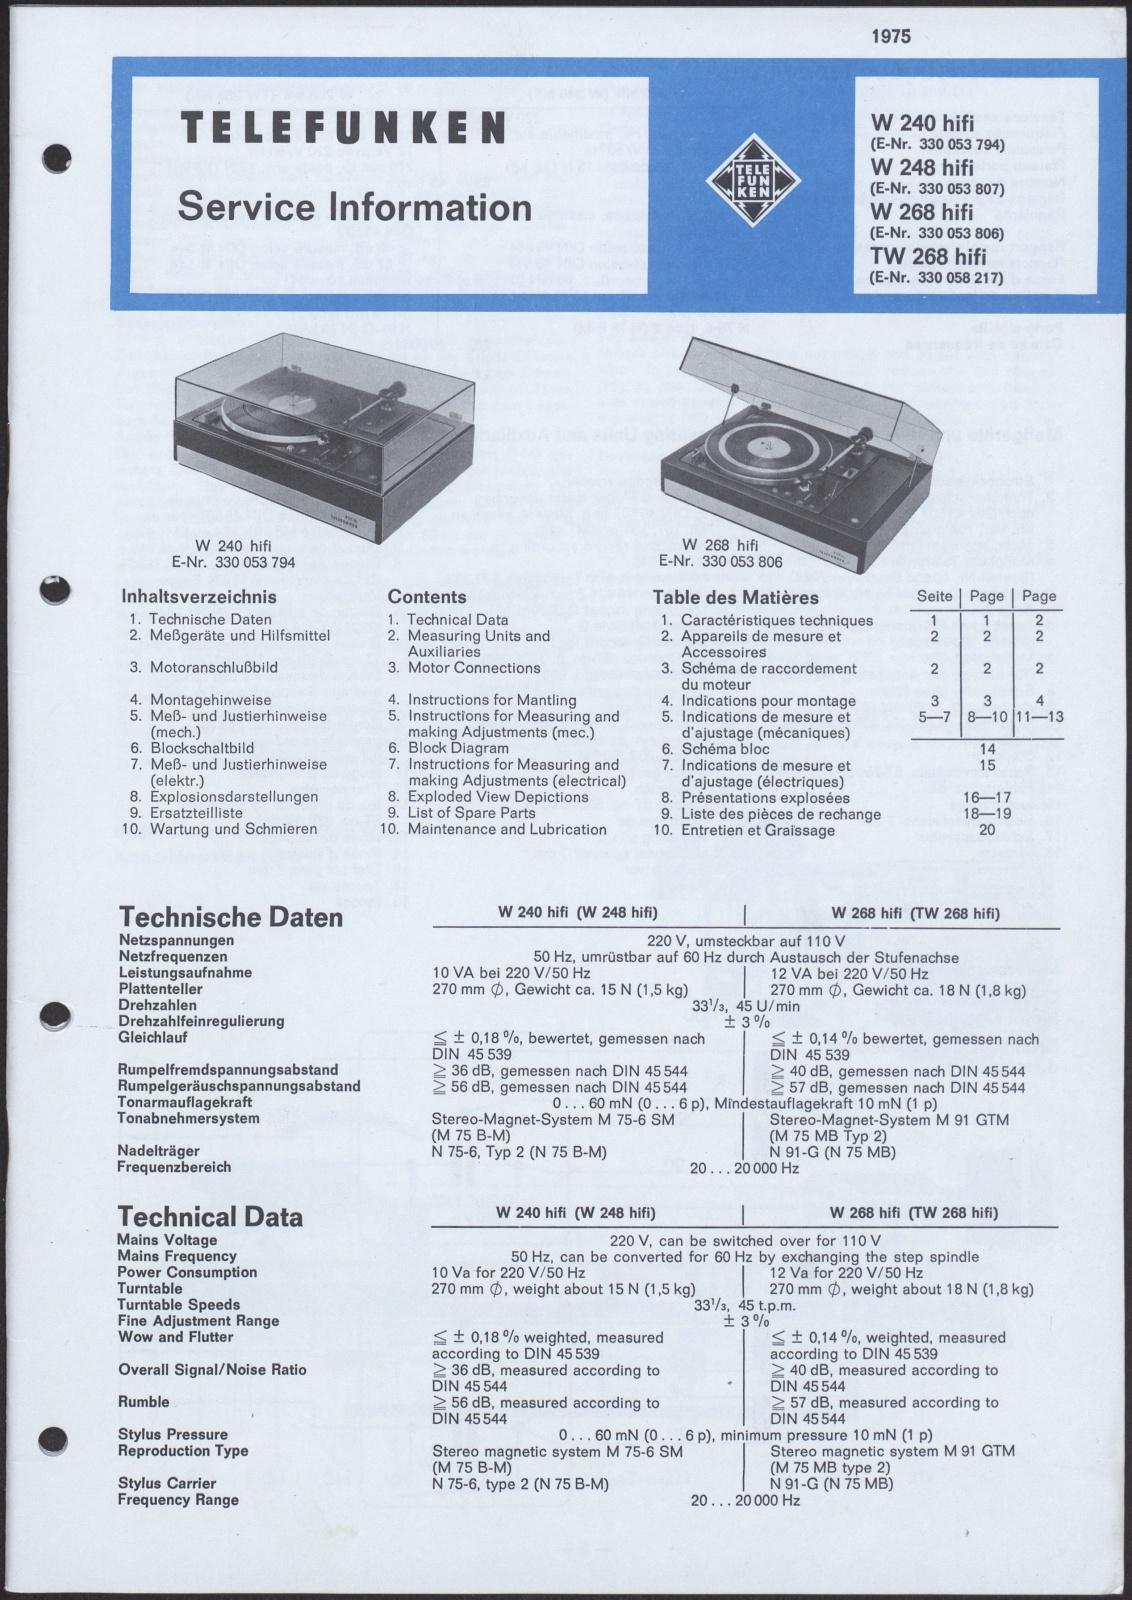 Bedienungsanleitung: Telefunken Service Information für W 240 hifi